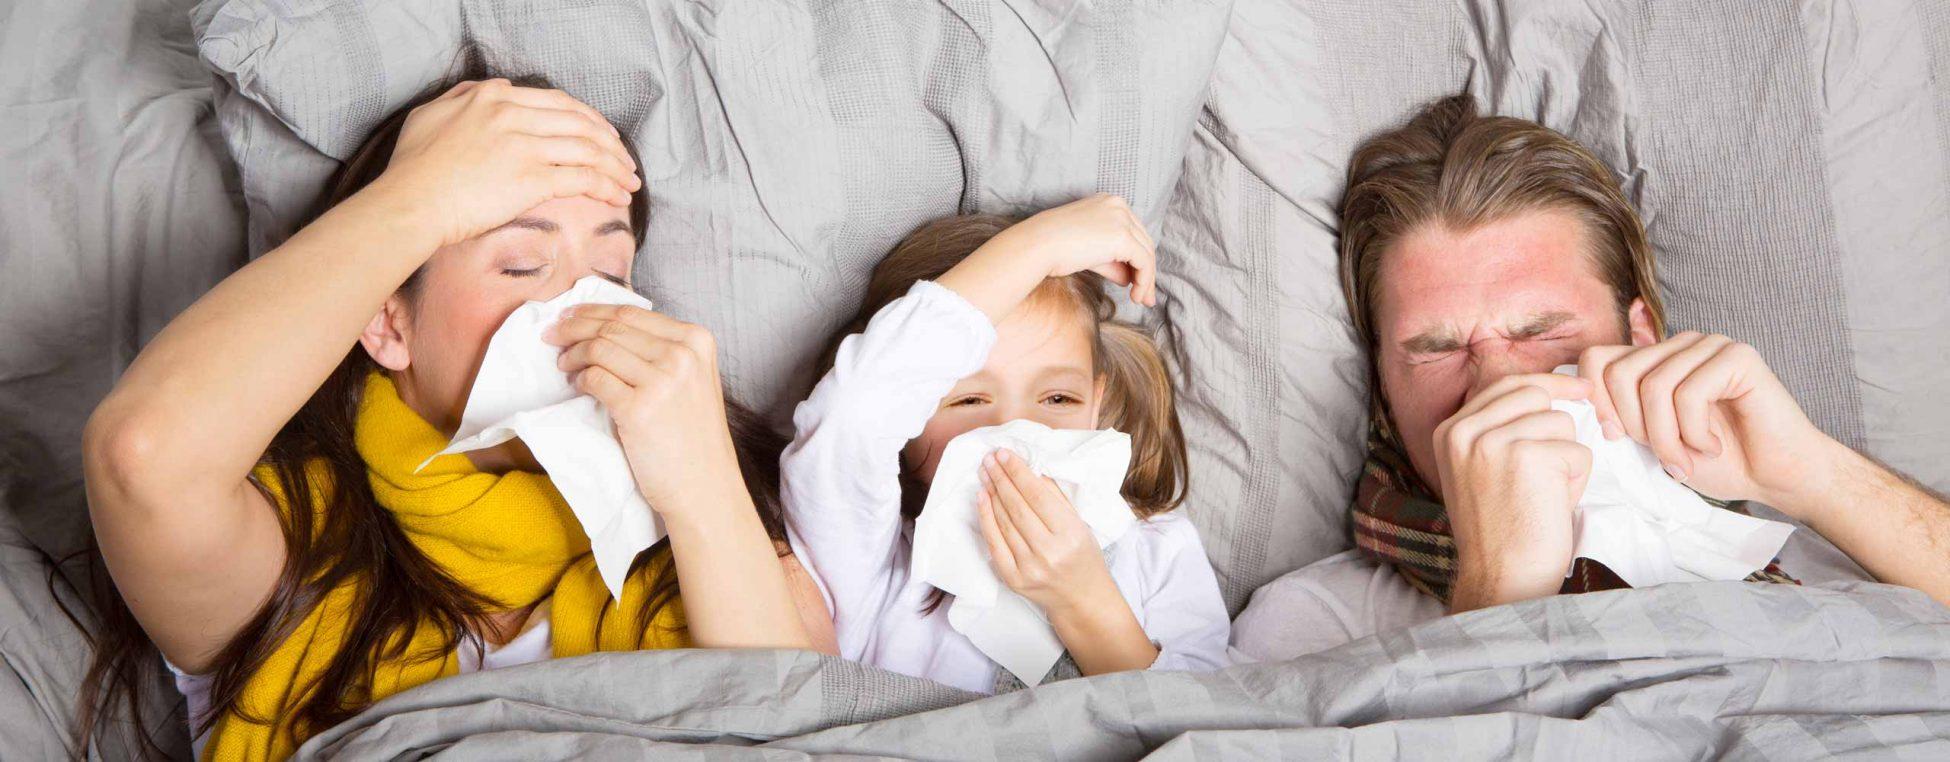 Familie liegt krank im Bett.